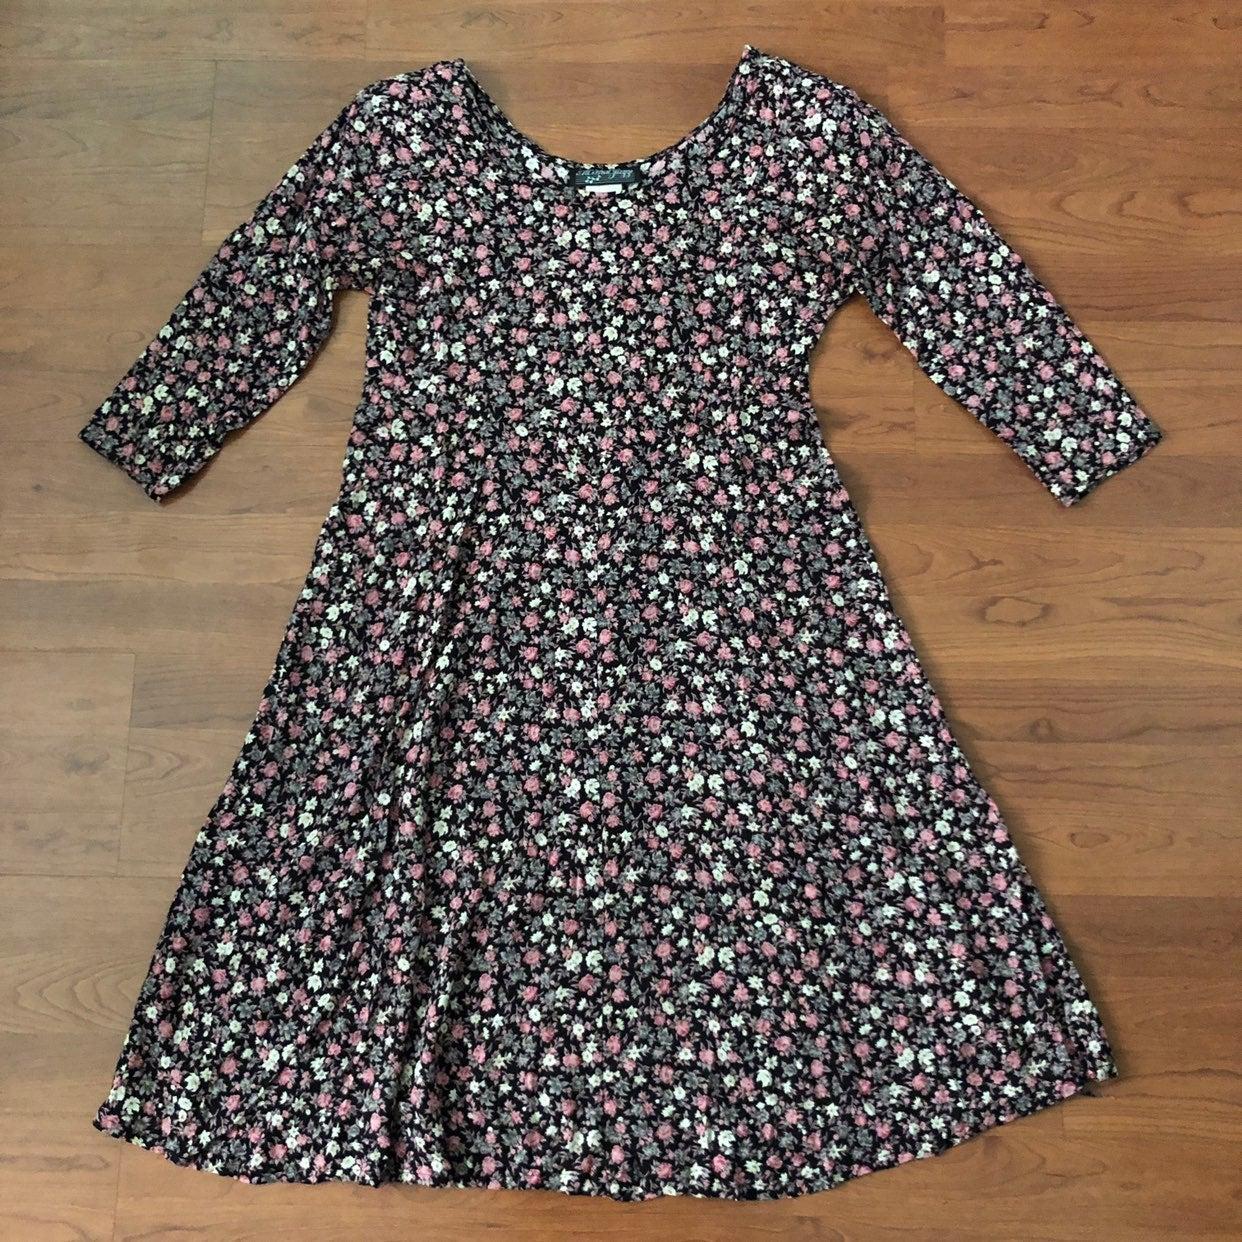 VTG 90sGrunge All That Jazz Floral Dress